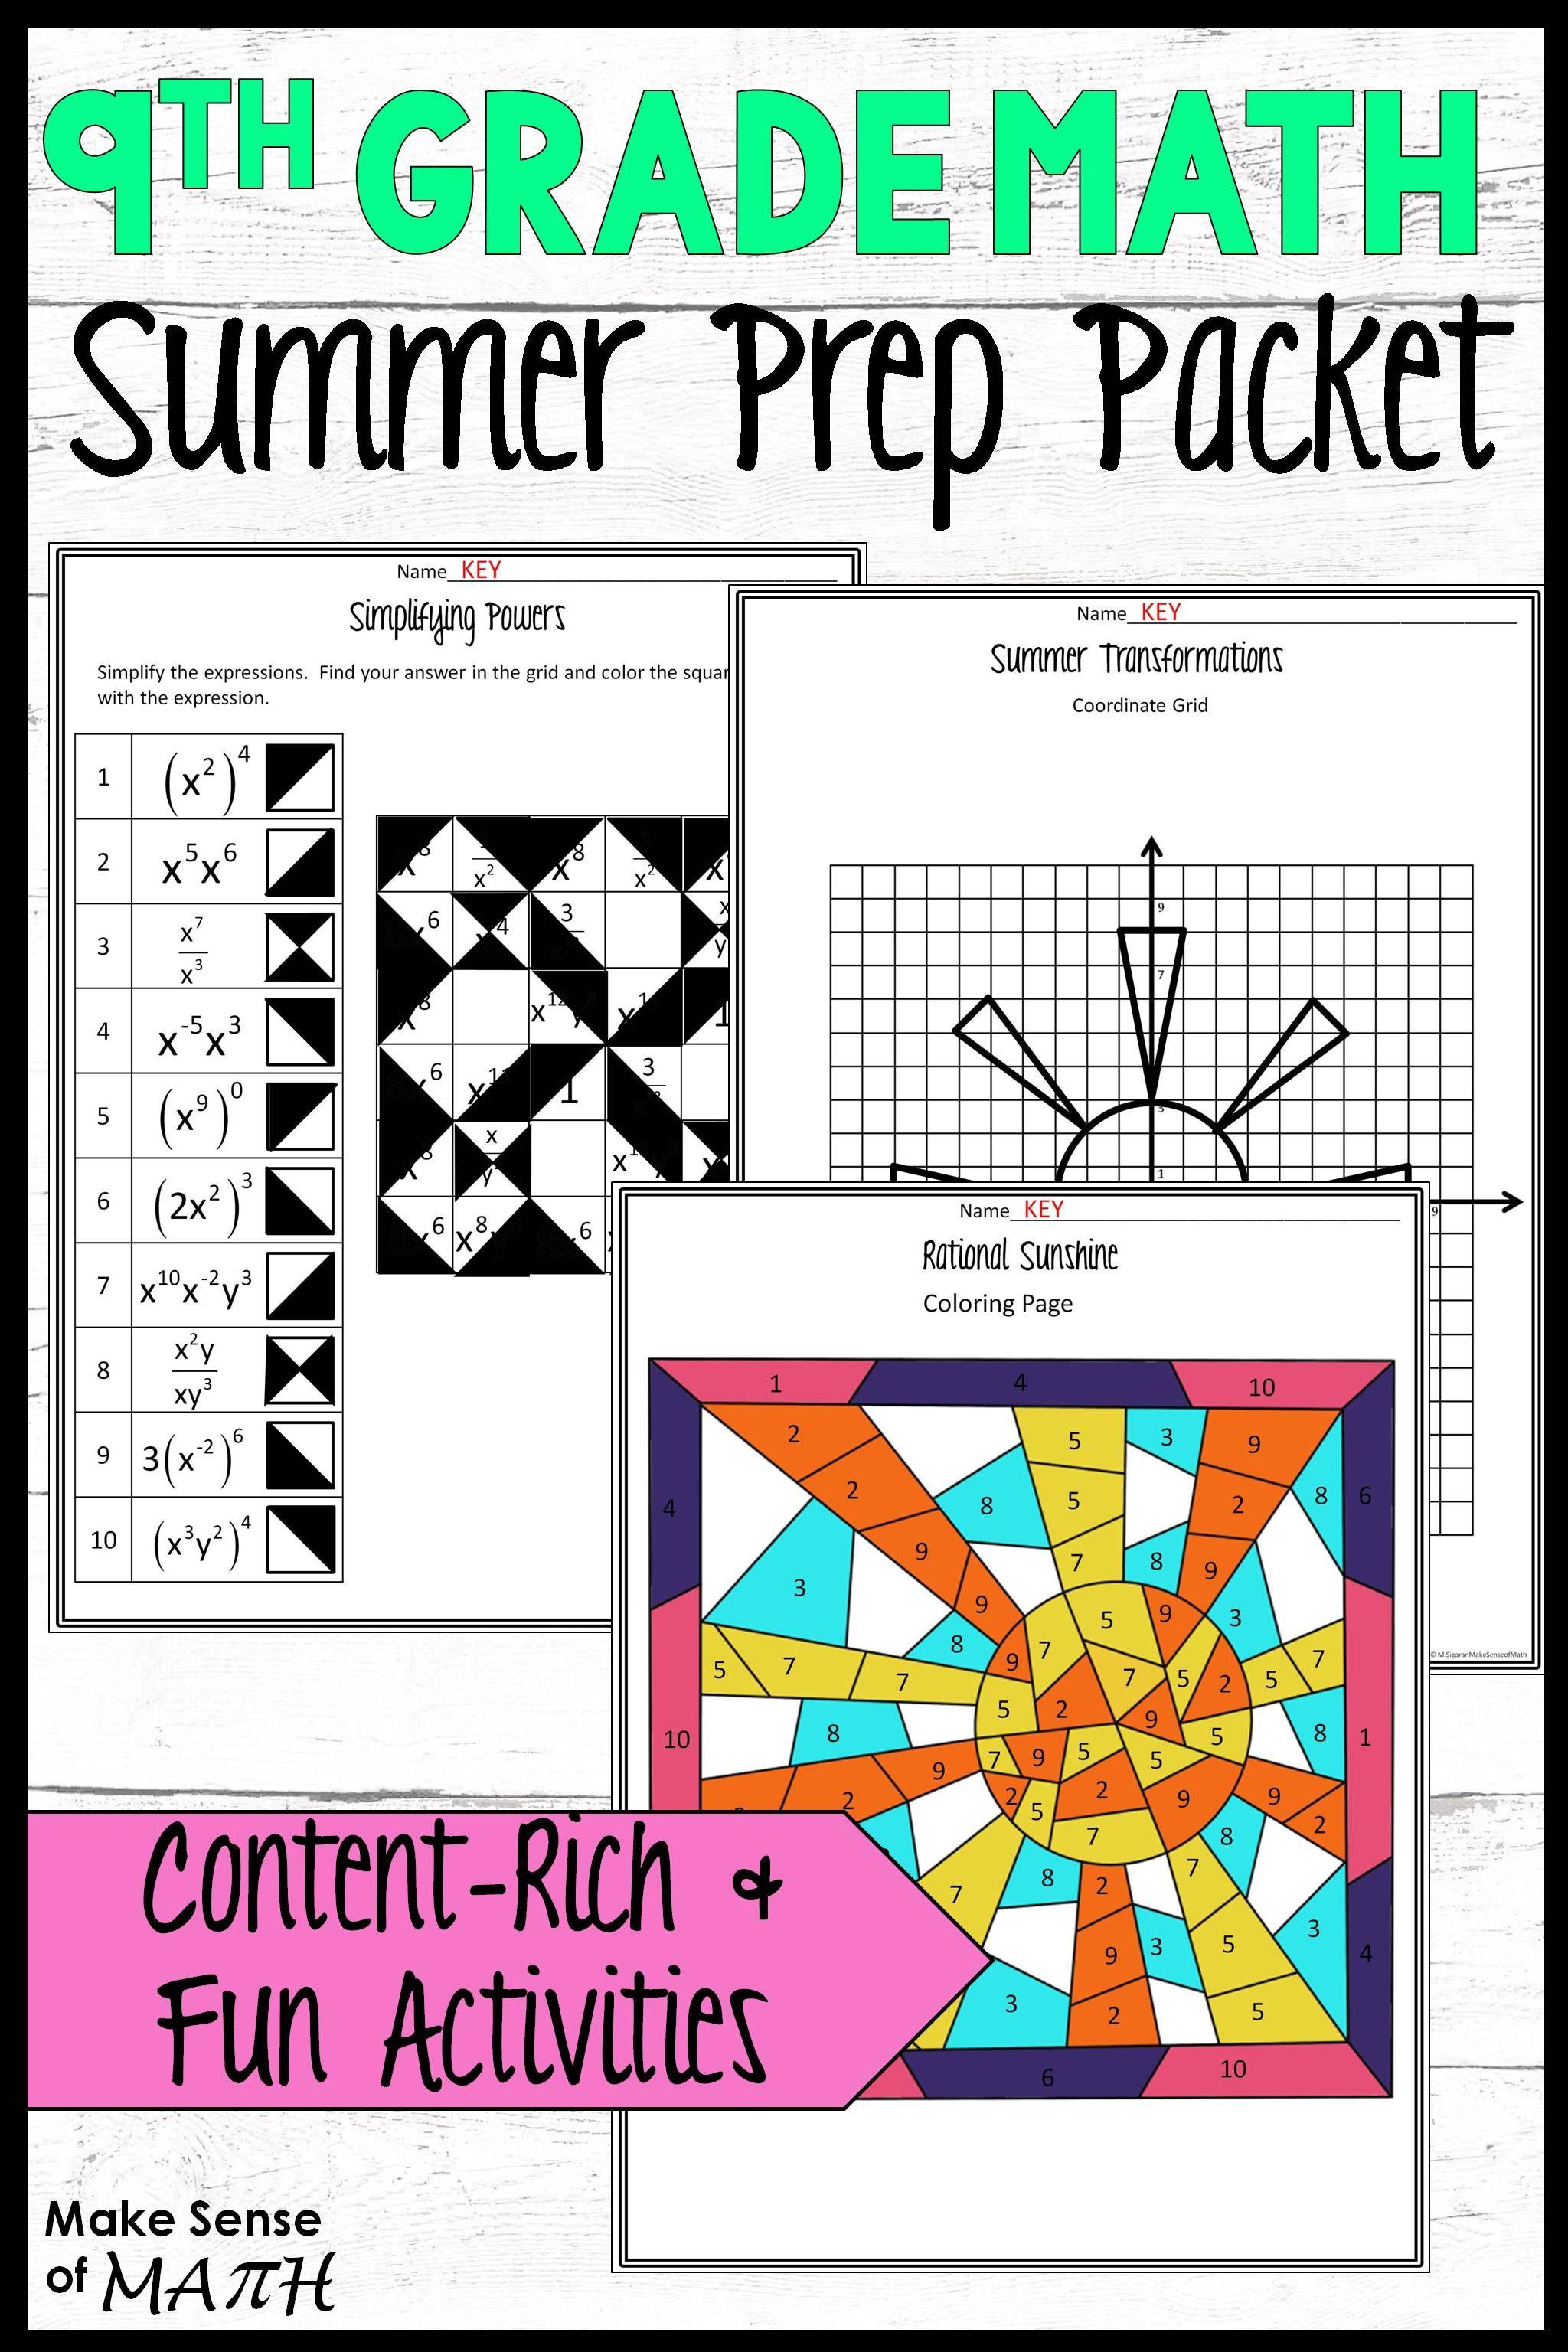 8th Grade Math Review Packet Summer Math Maths Activities Middle School Math Games Middle School [ 3072 x 2048 Pixel ]